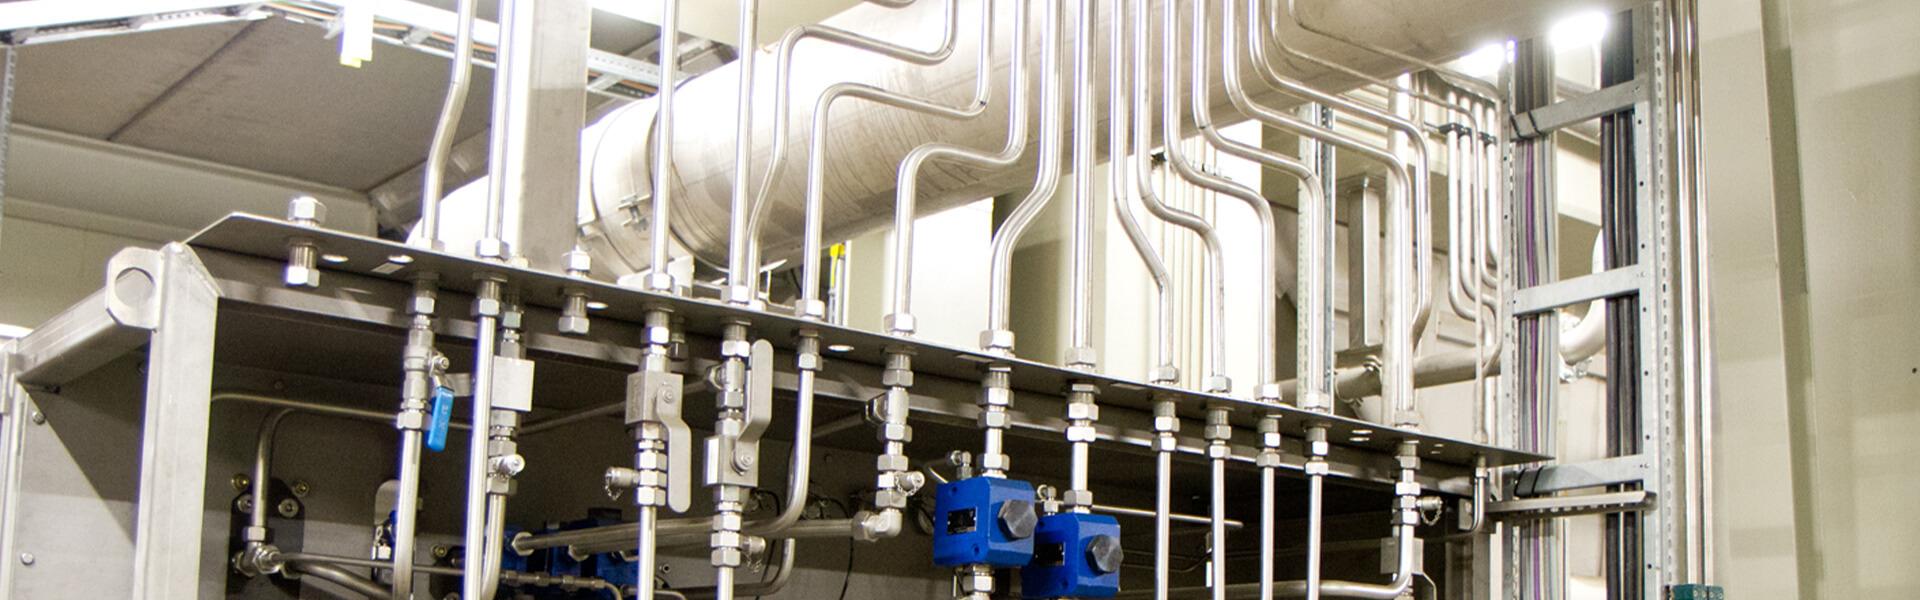 Rohrleitungsbau - Apparate- und Behälterbau Scheffczik